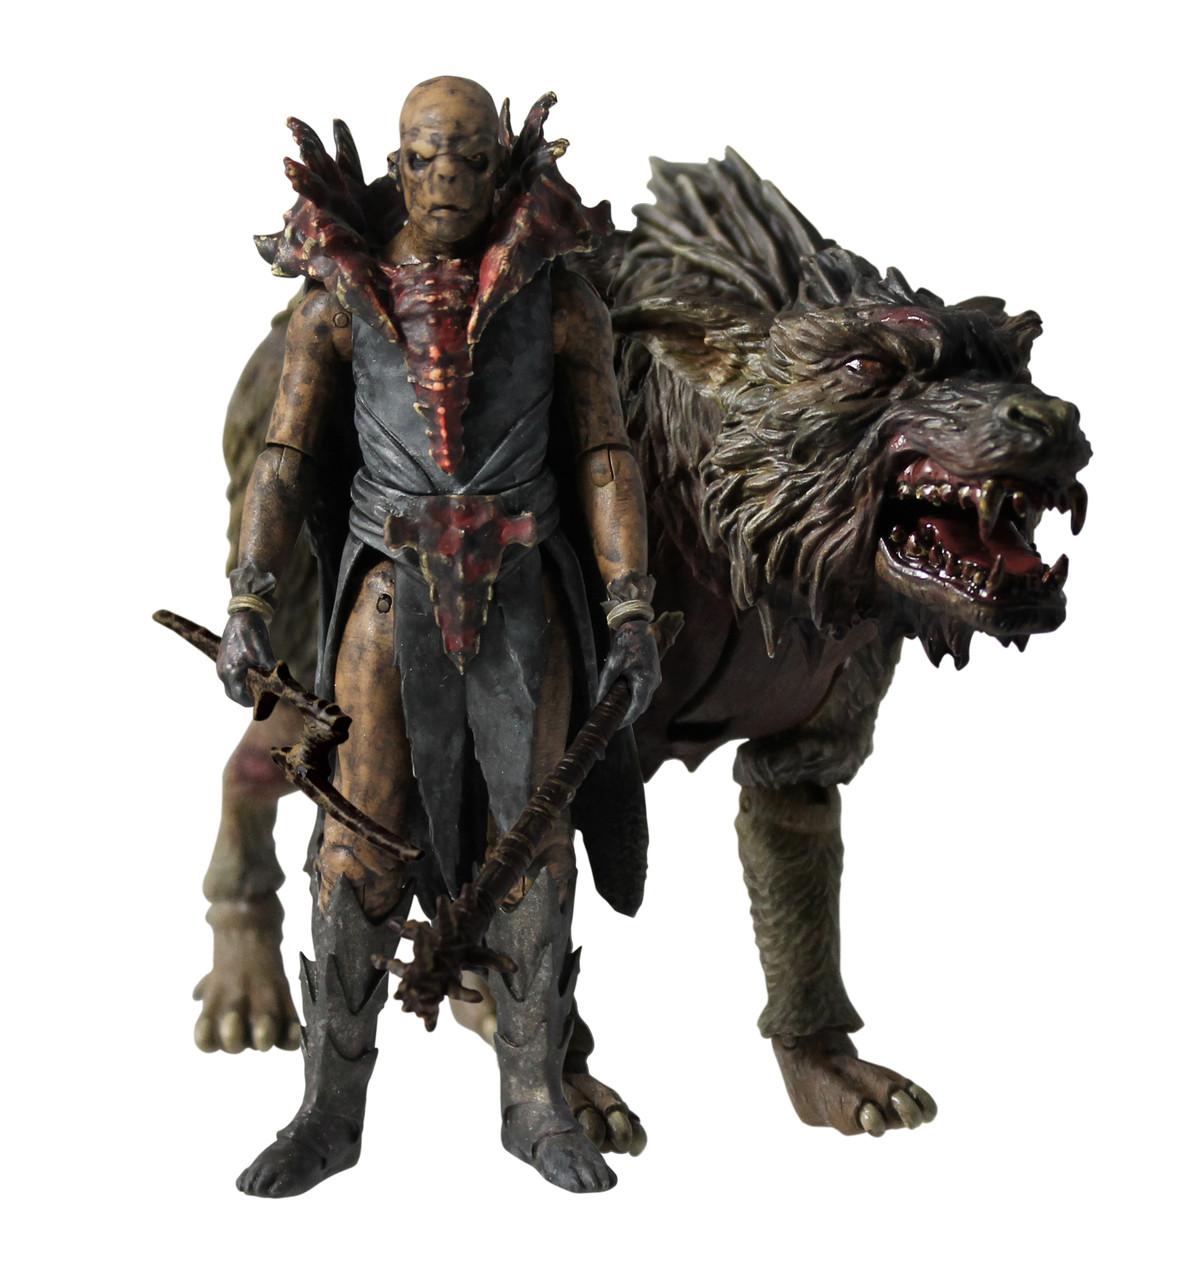 """Орк из """"Хоббита"""" в наборе с волком и оружием. высота 10 см."""